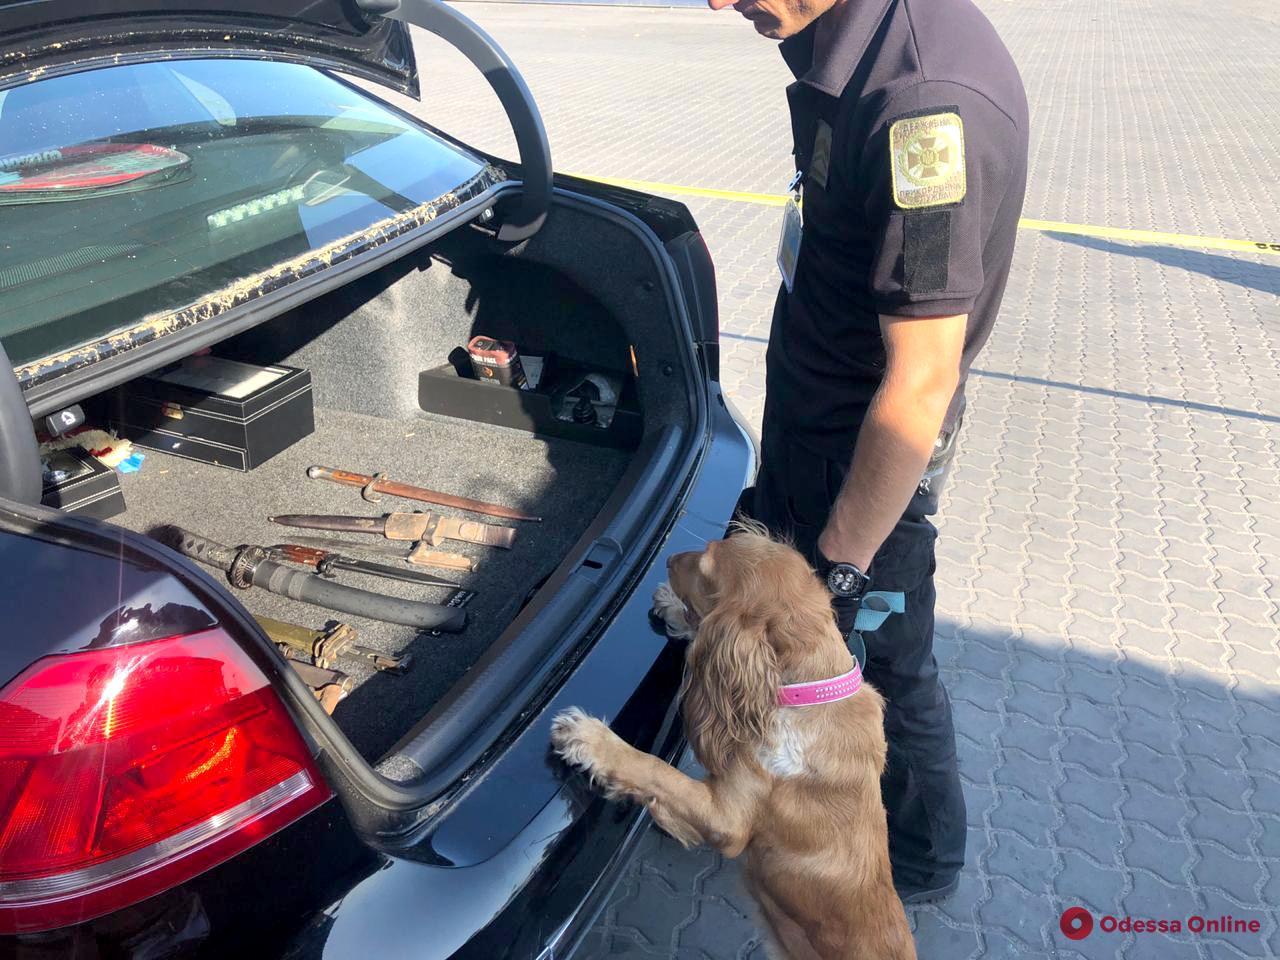 Одесские пограничники нашли георгиевскую ленту и ножи в прибывшем из США авто